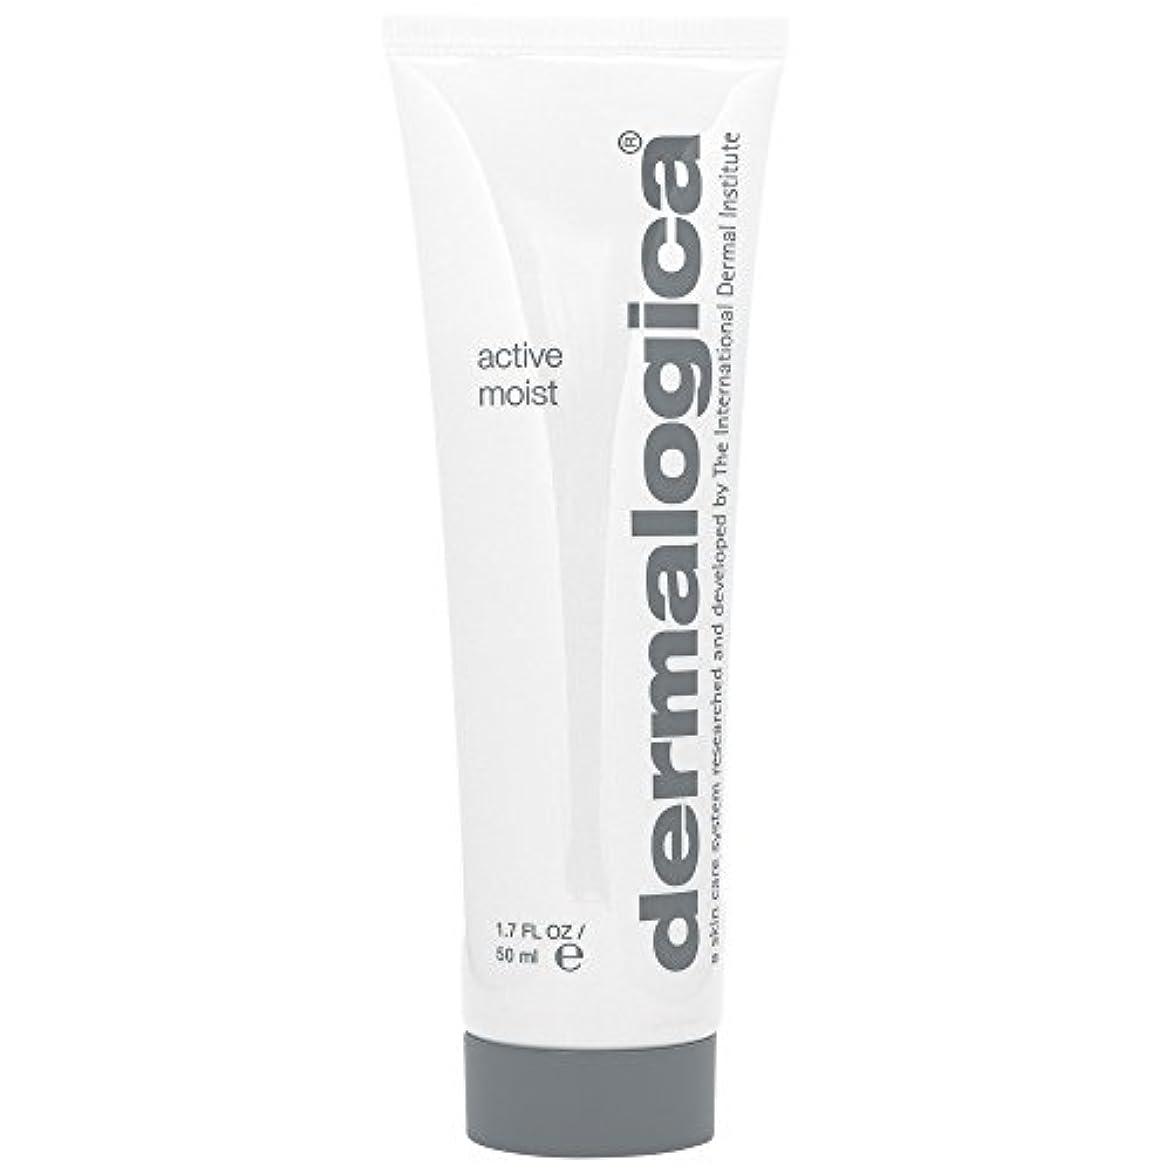 強制心理的にピカリングダーマロジカアクティブ湿った顔の保湿剤の50ミリリットル (Dermalogica) - Dermalogica Active Moist Facial Moisturiser 50ml [並行輸入品]